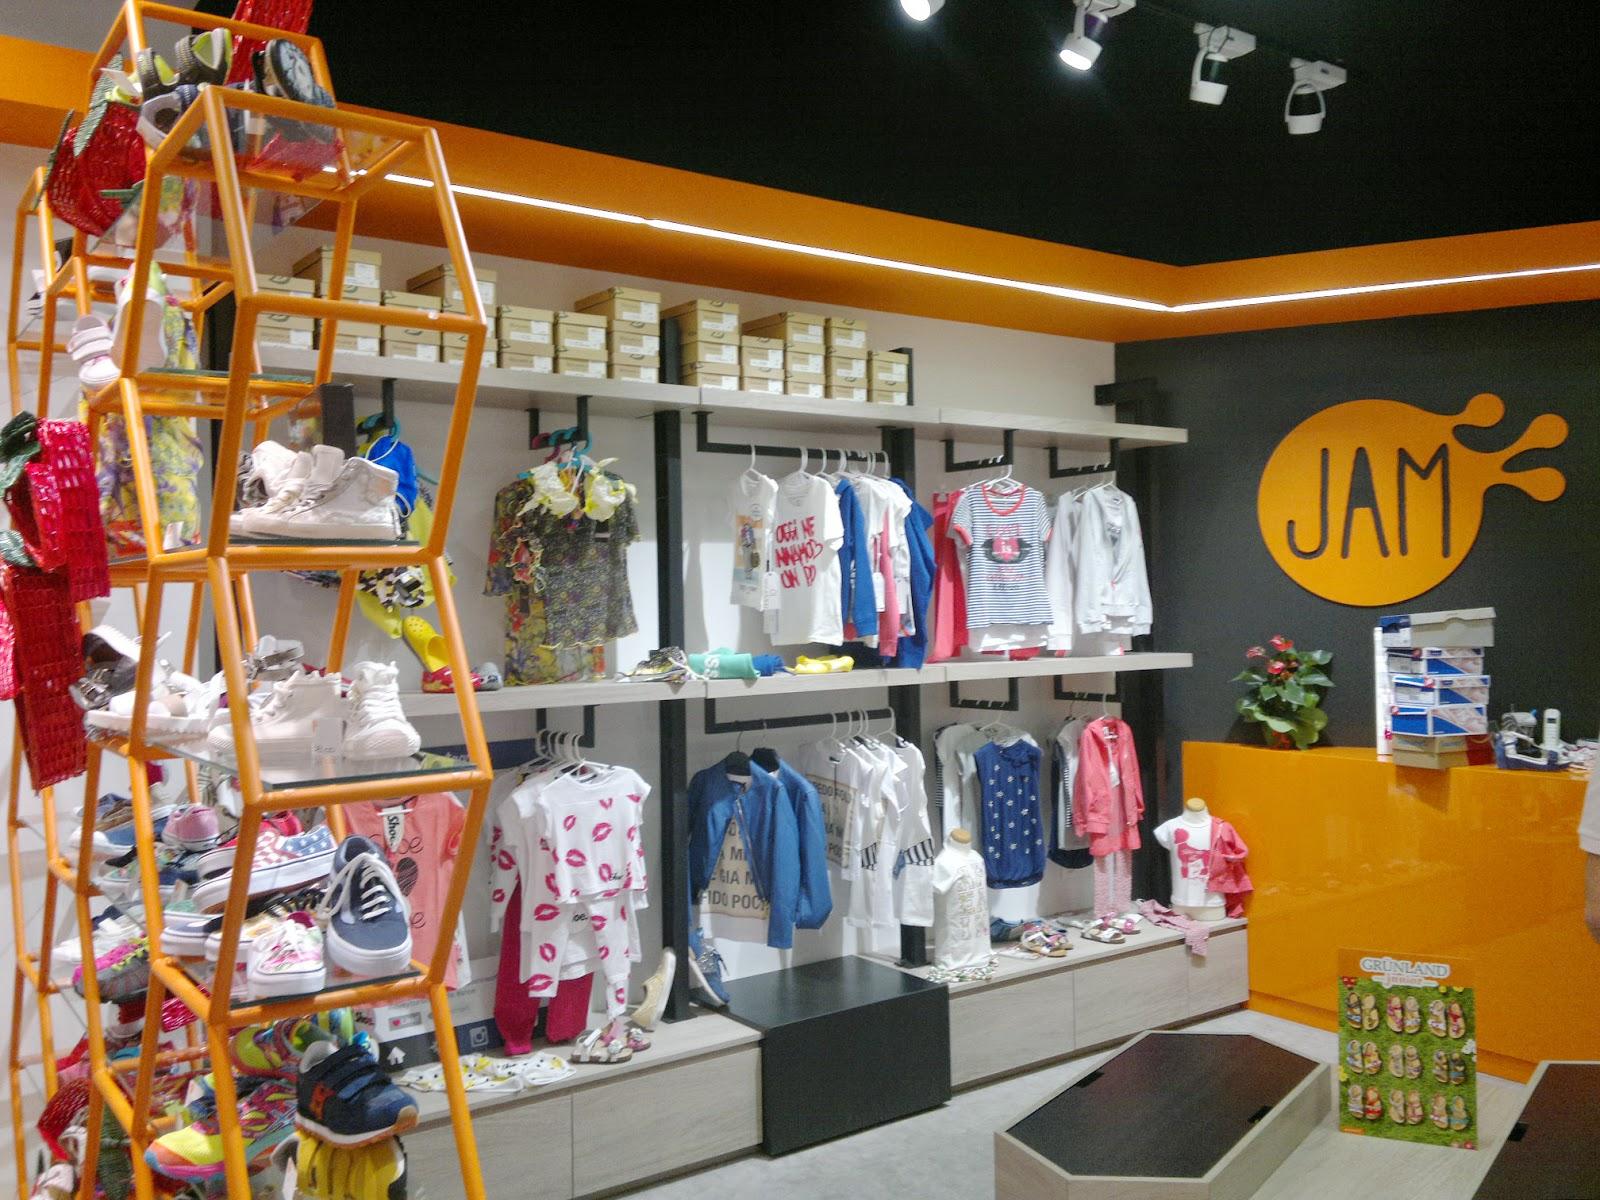 Illuminazione led casa grugliasco illuminazione led negozio jam